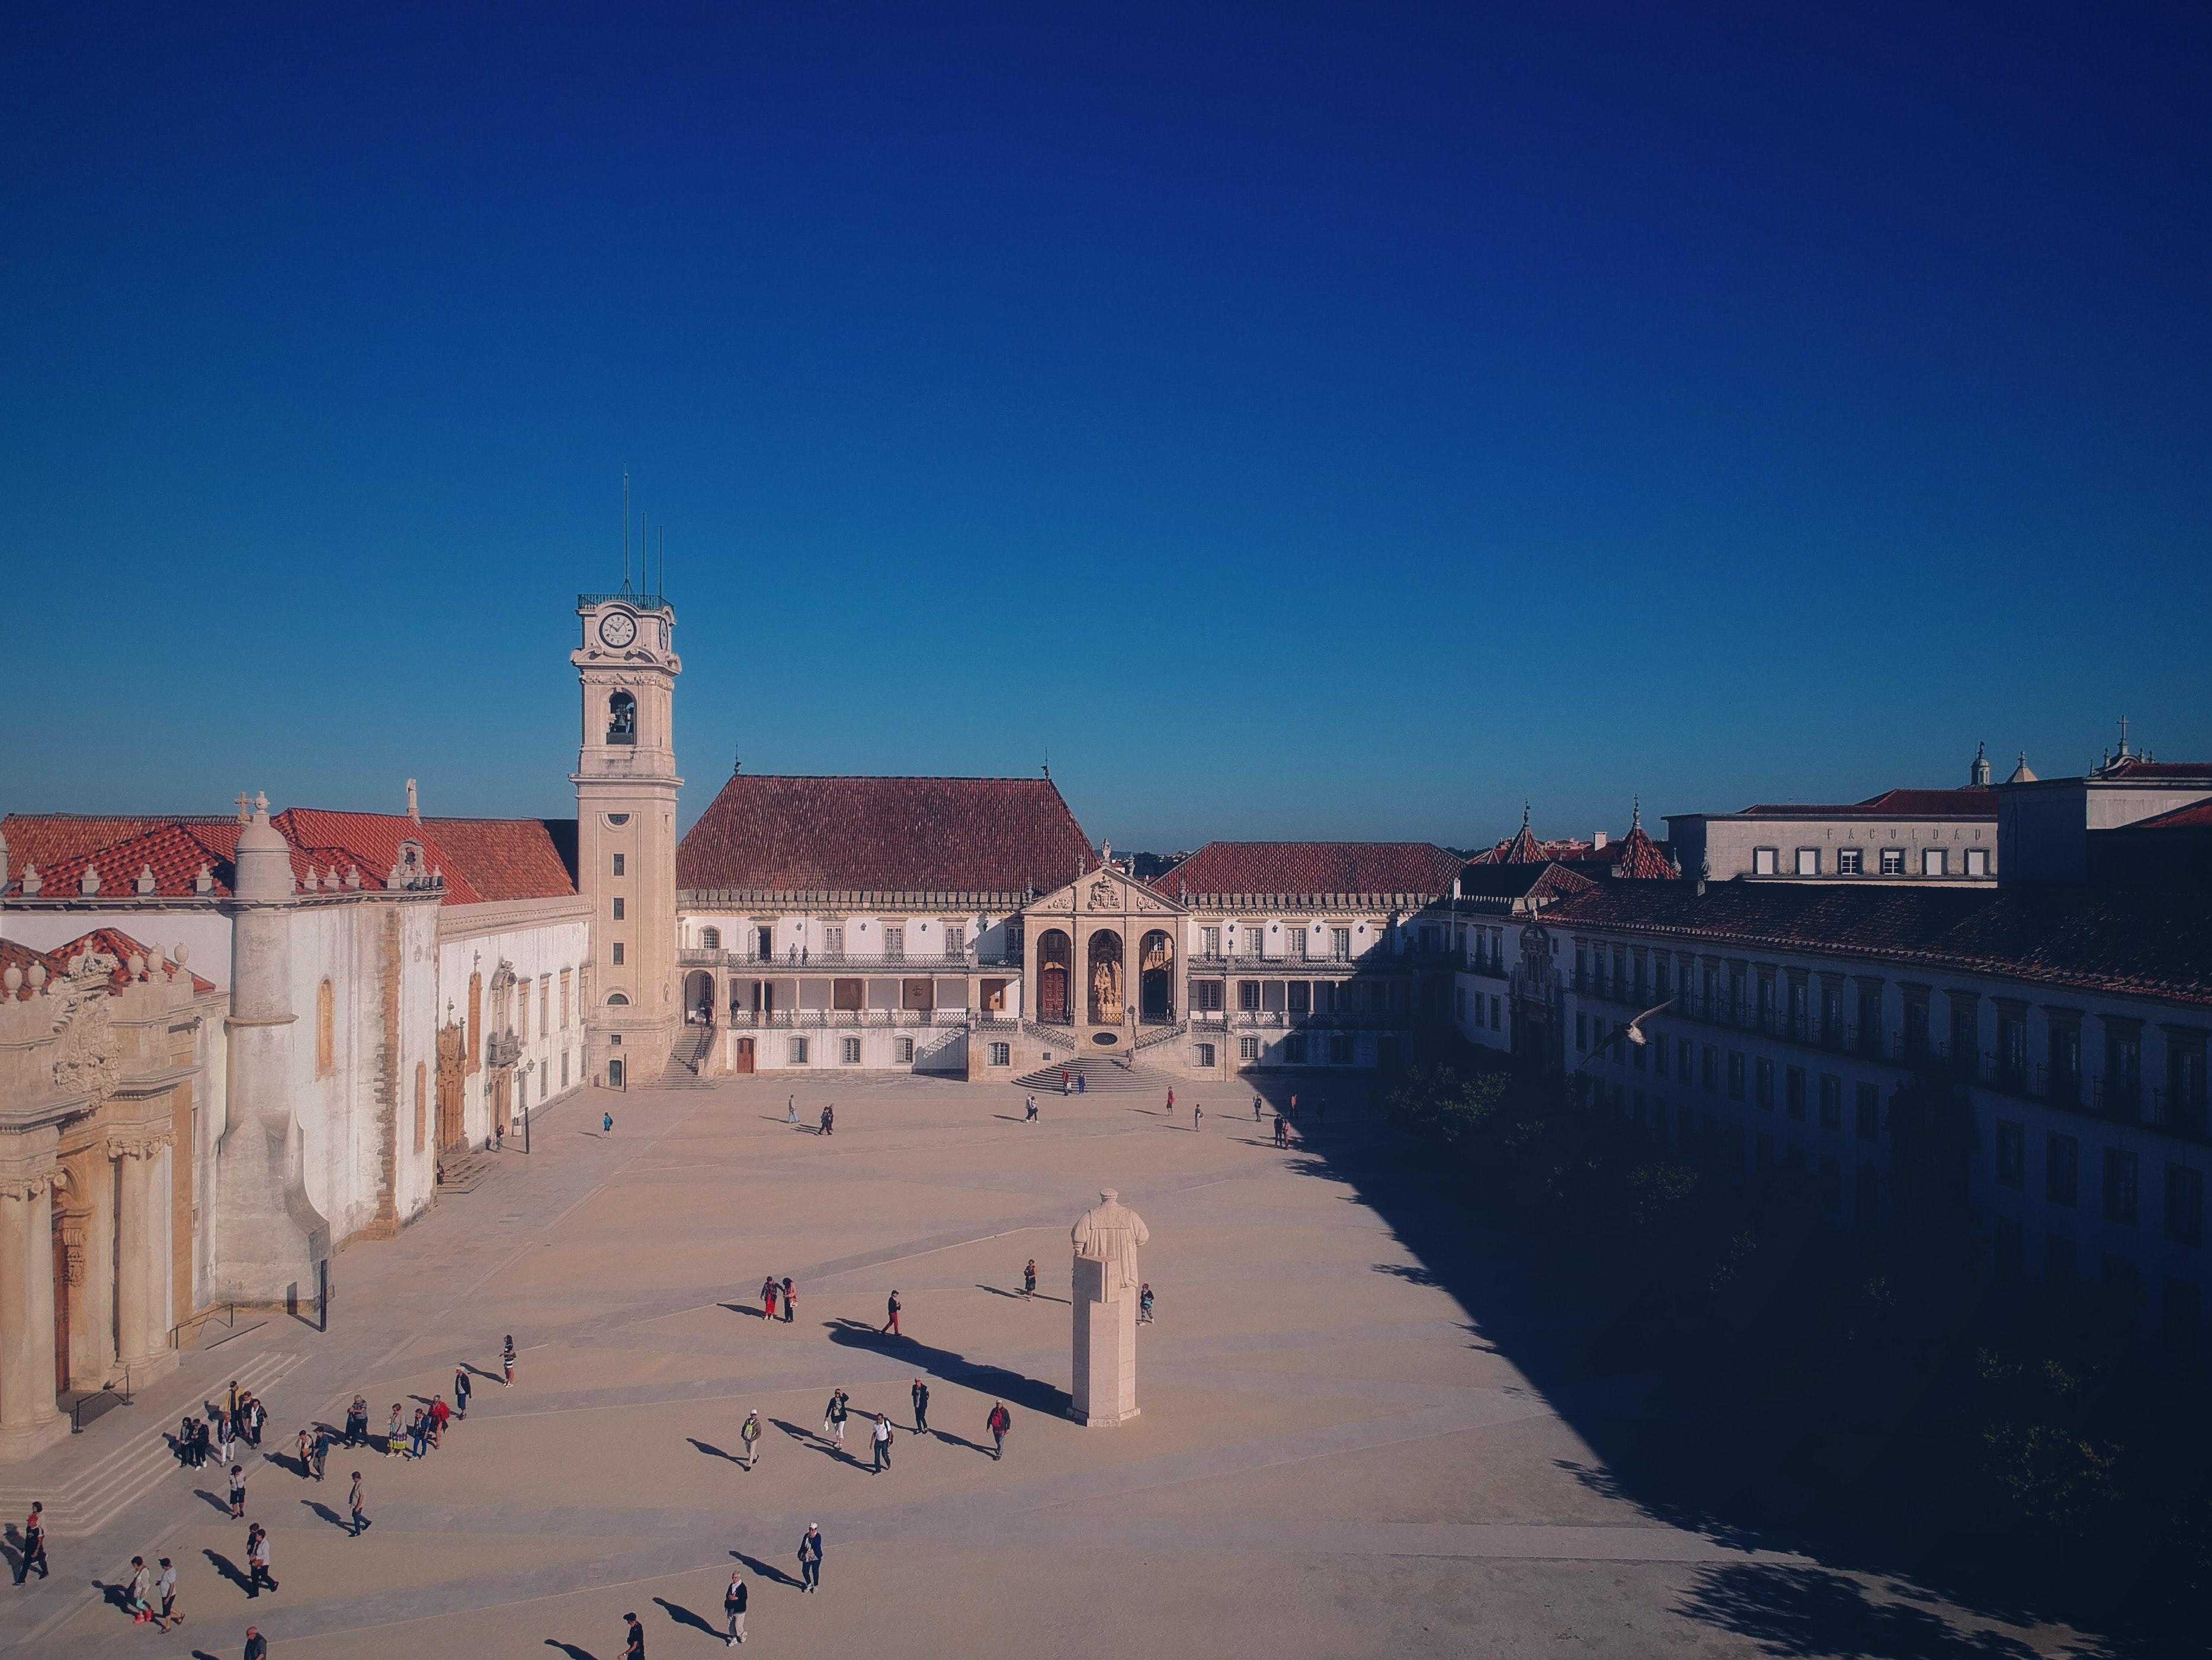 Há seis universidades portuguesas entre as mil melhores do mundo / Photo by Henrique Macedo on Unsplash